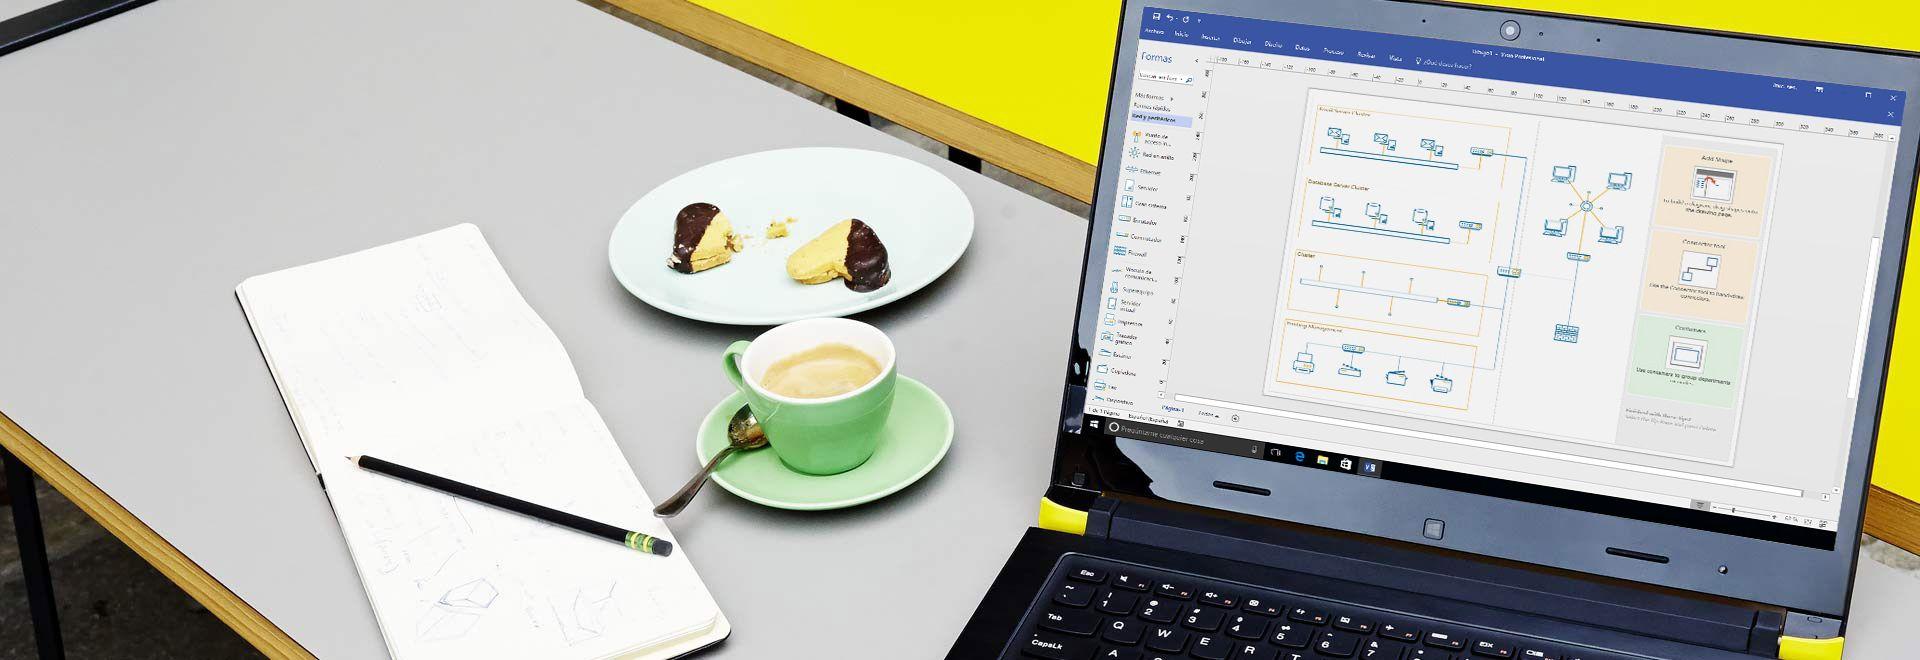 Primer plano de un portátil sobre una mesa donde se muestra un diagrama de Visio con un panel y la cinta de opciones de edición